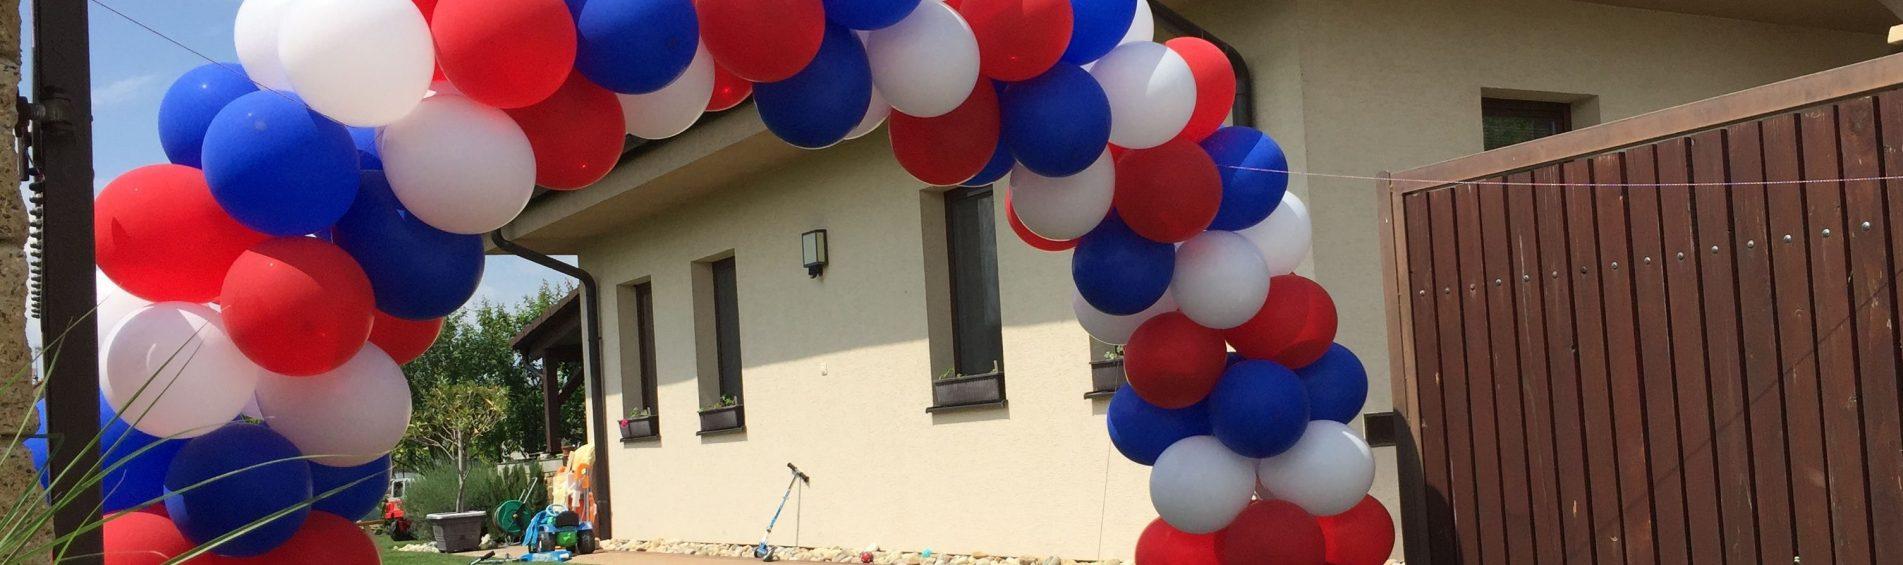 Balónové dekorácie